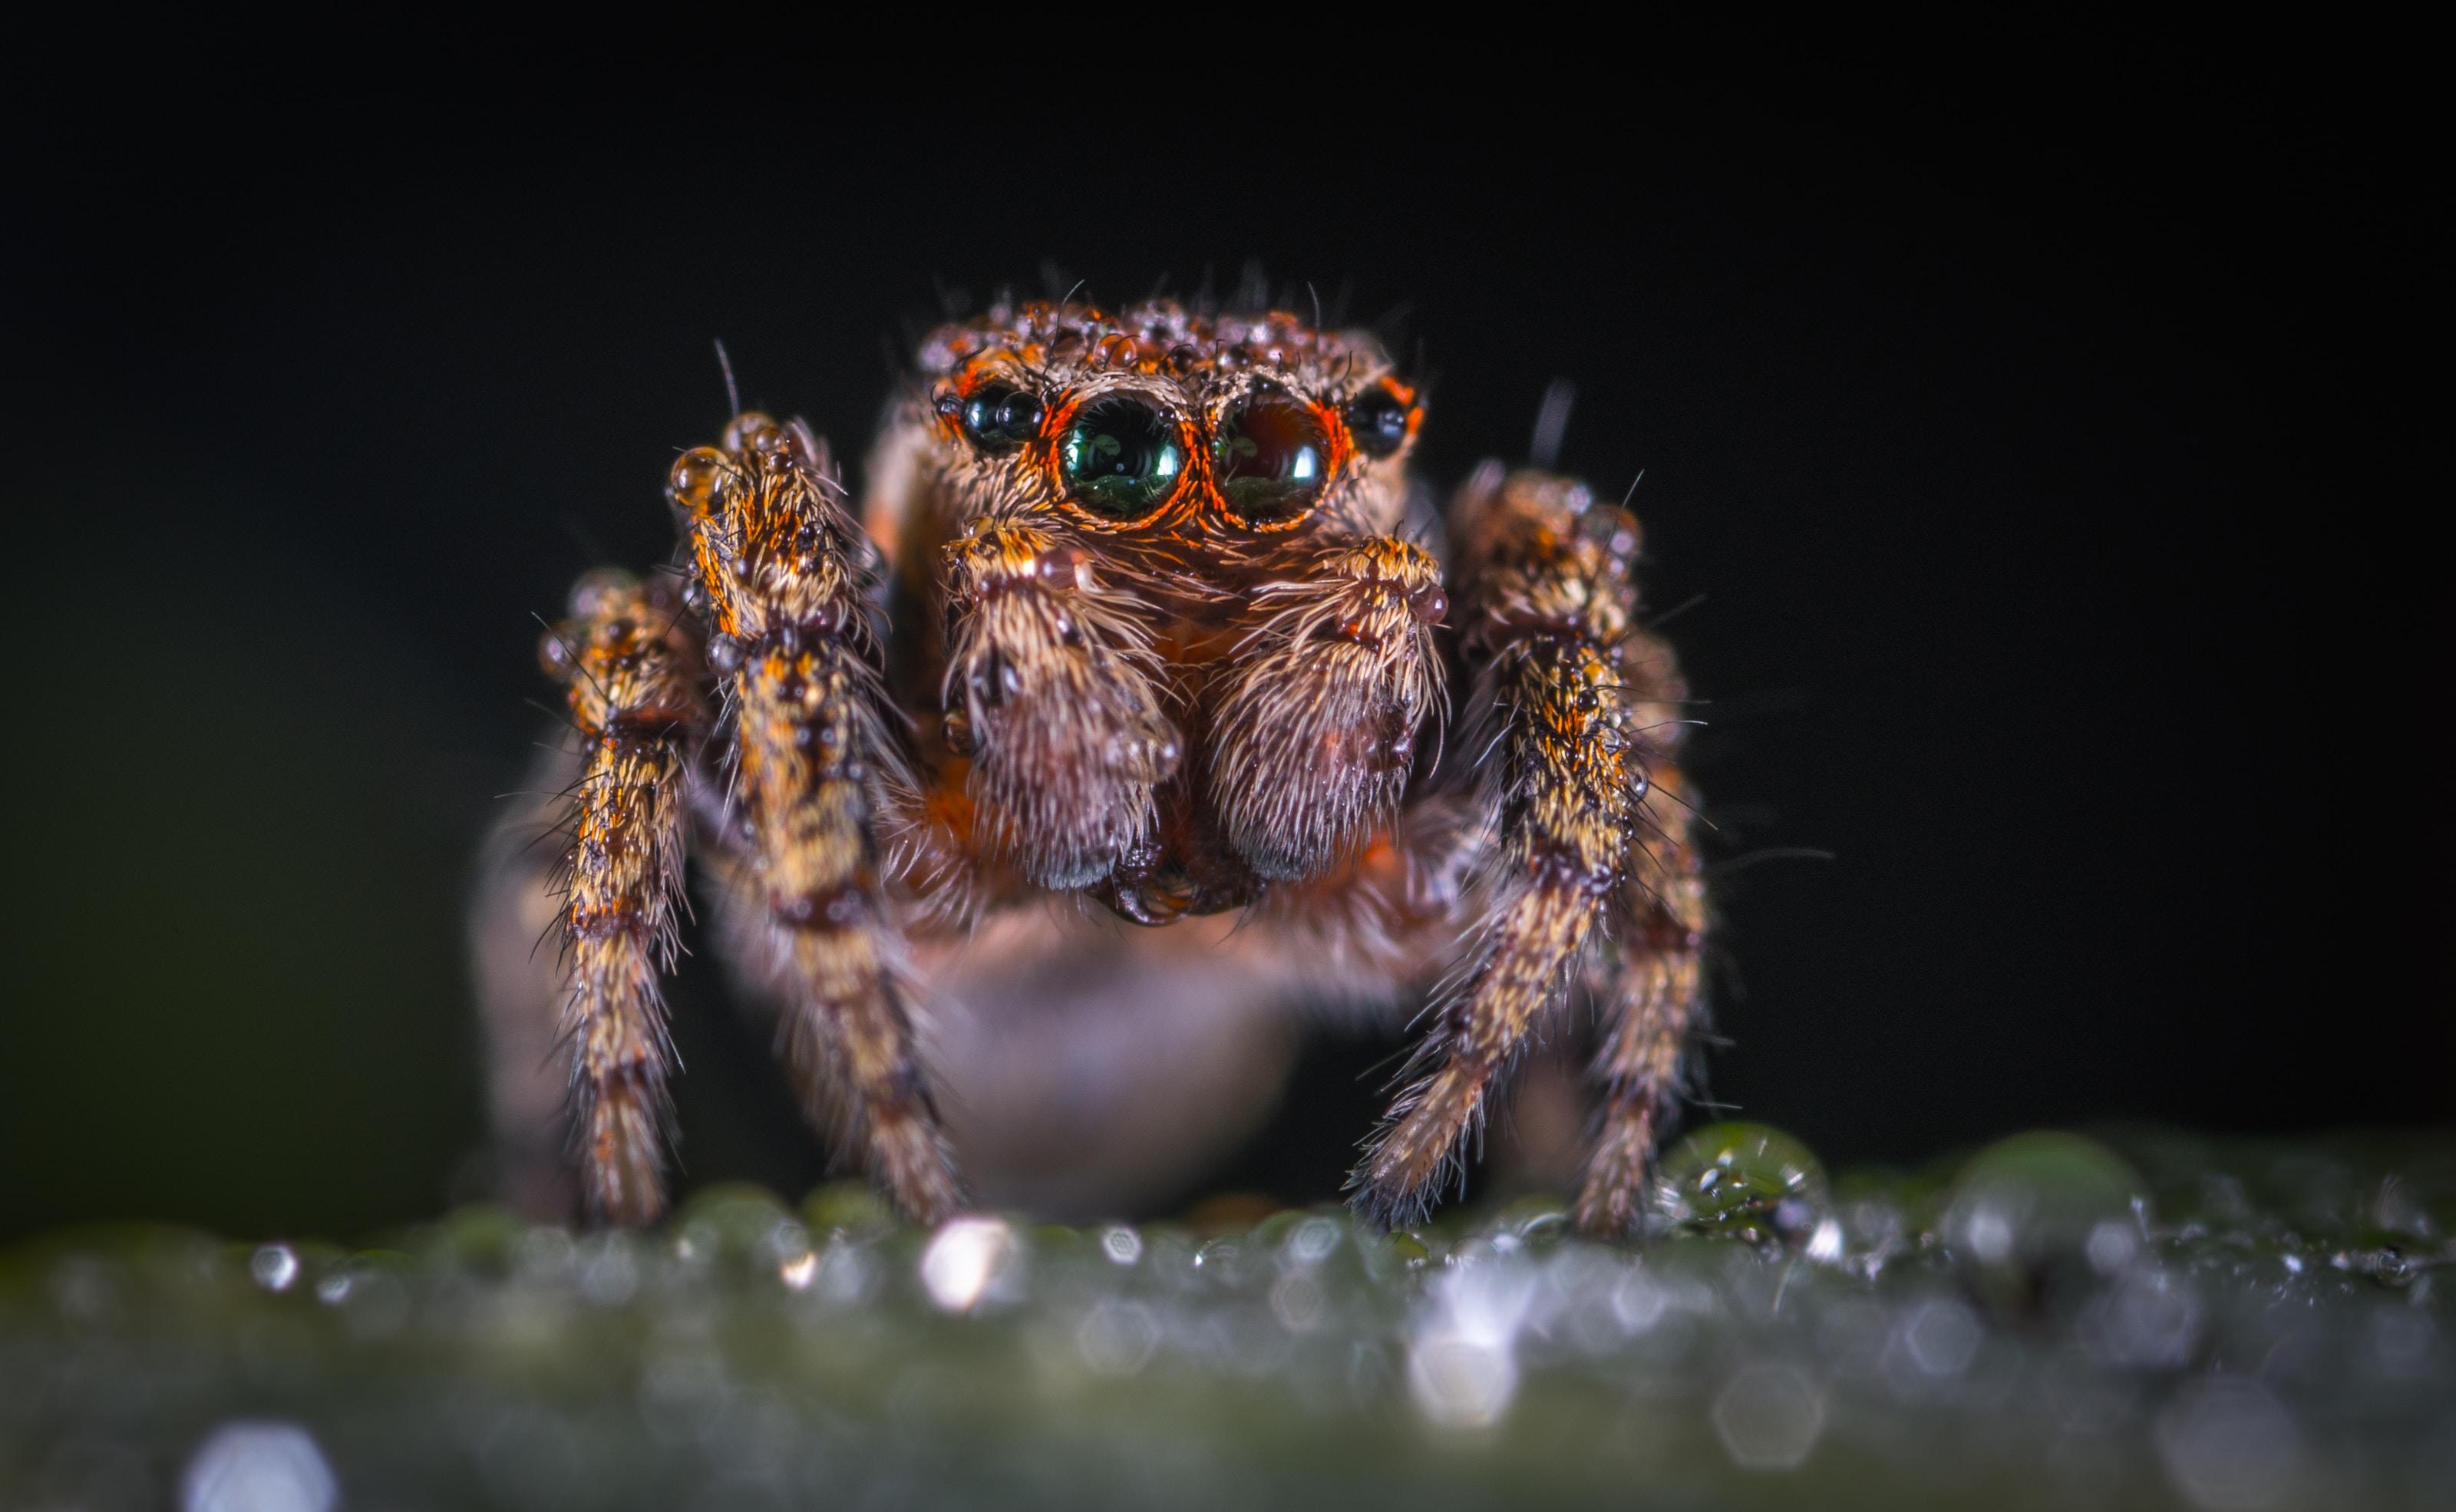 Spider break stories